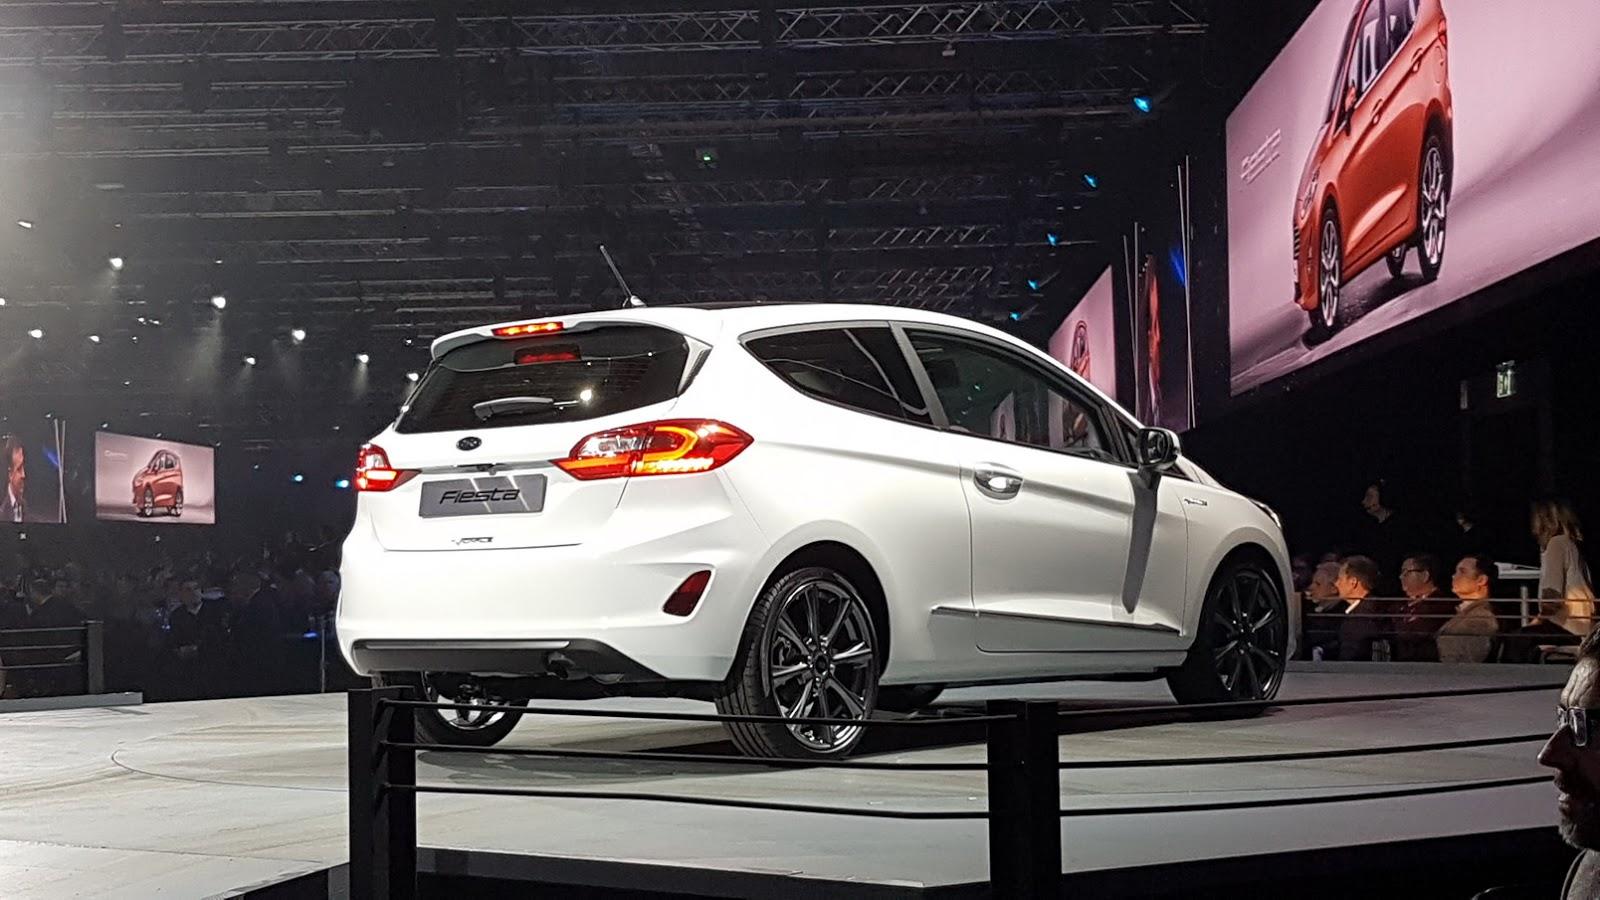 Купить Форд Куга цена 2017 🚗 Ford Kuga новый, все ...